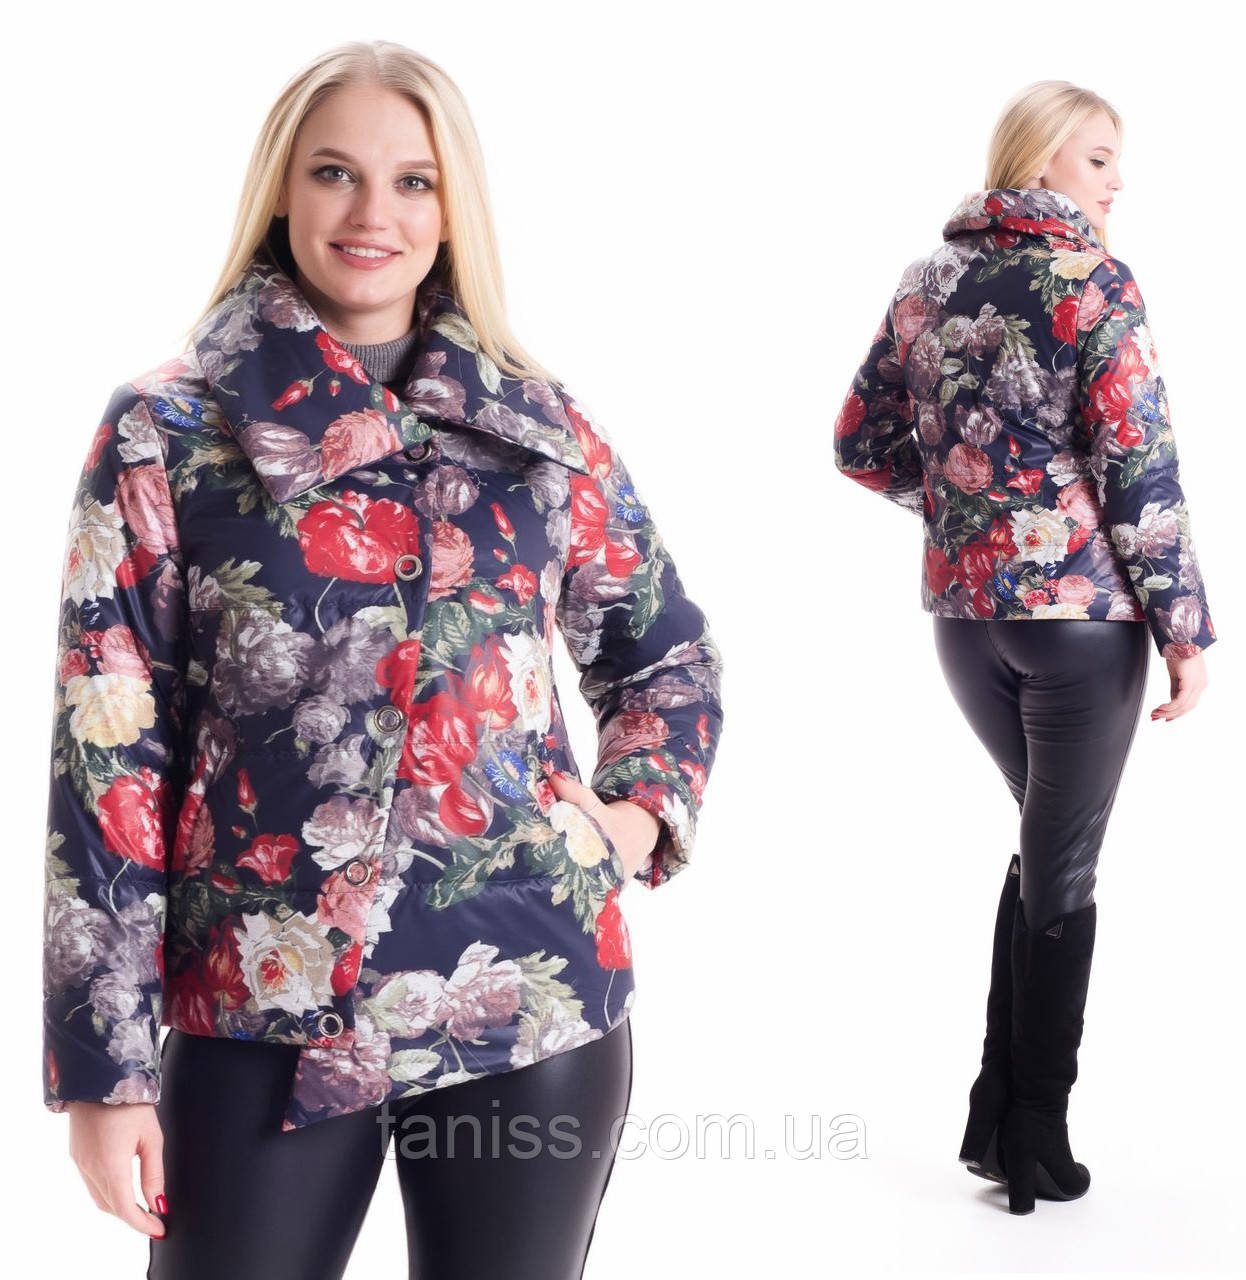 Молодежная, весенняя , демисезонная куртка  на молнии, короткая, р 46,48 цветы (02)